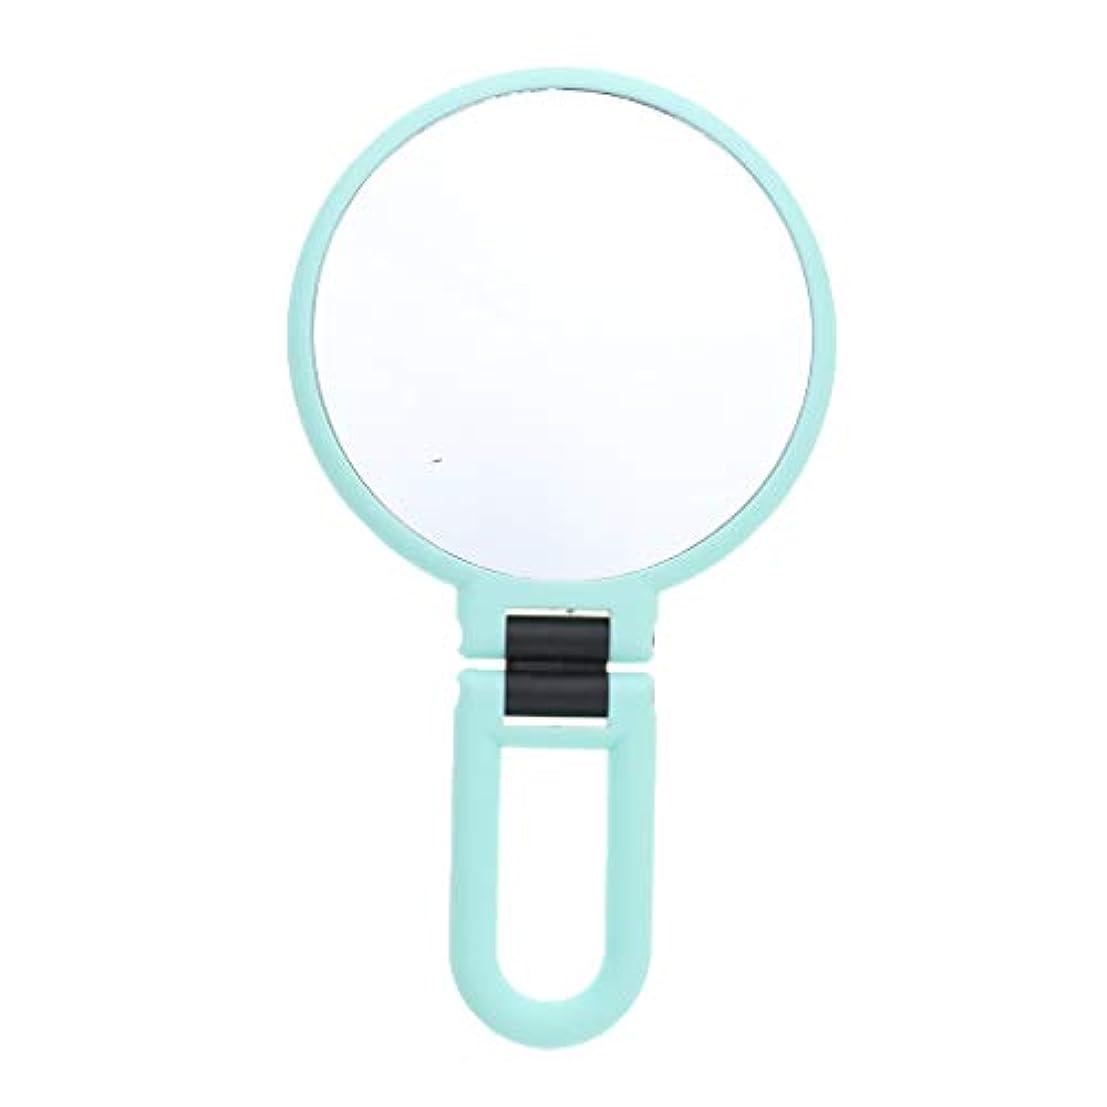 貧しい思いやり効果的B Blesiya 化粧鏡 拡大鏡 ミラー ハンドヘルド化粧鏡 両面ミラー 両面鏡 3サイズ - 2倍の拡大鏡